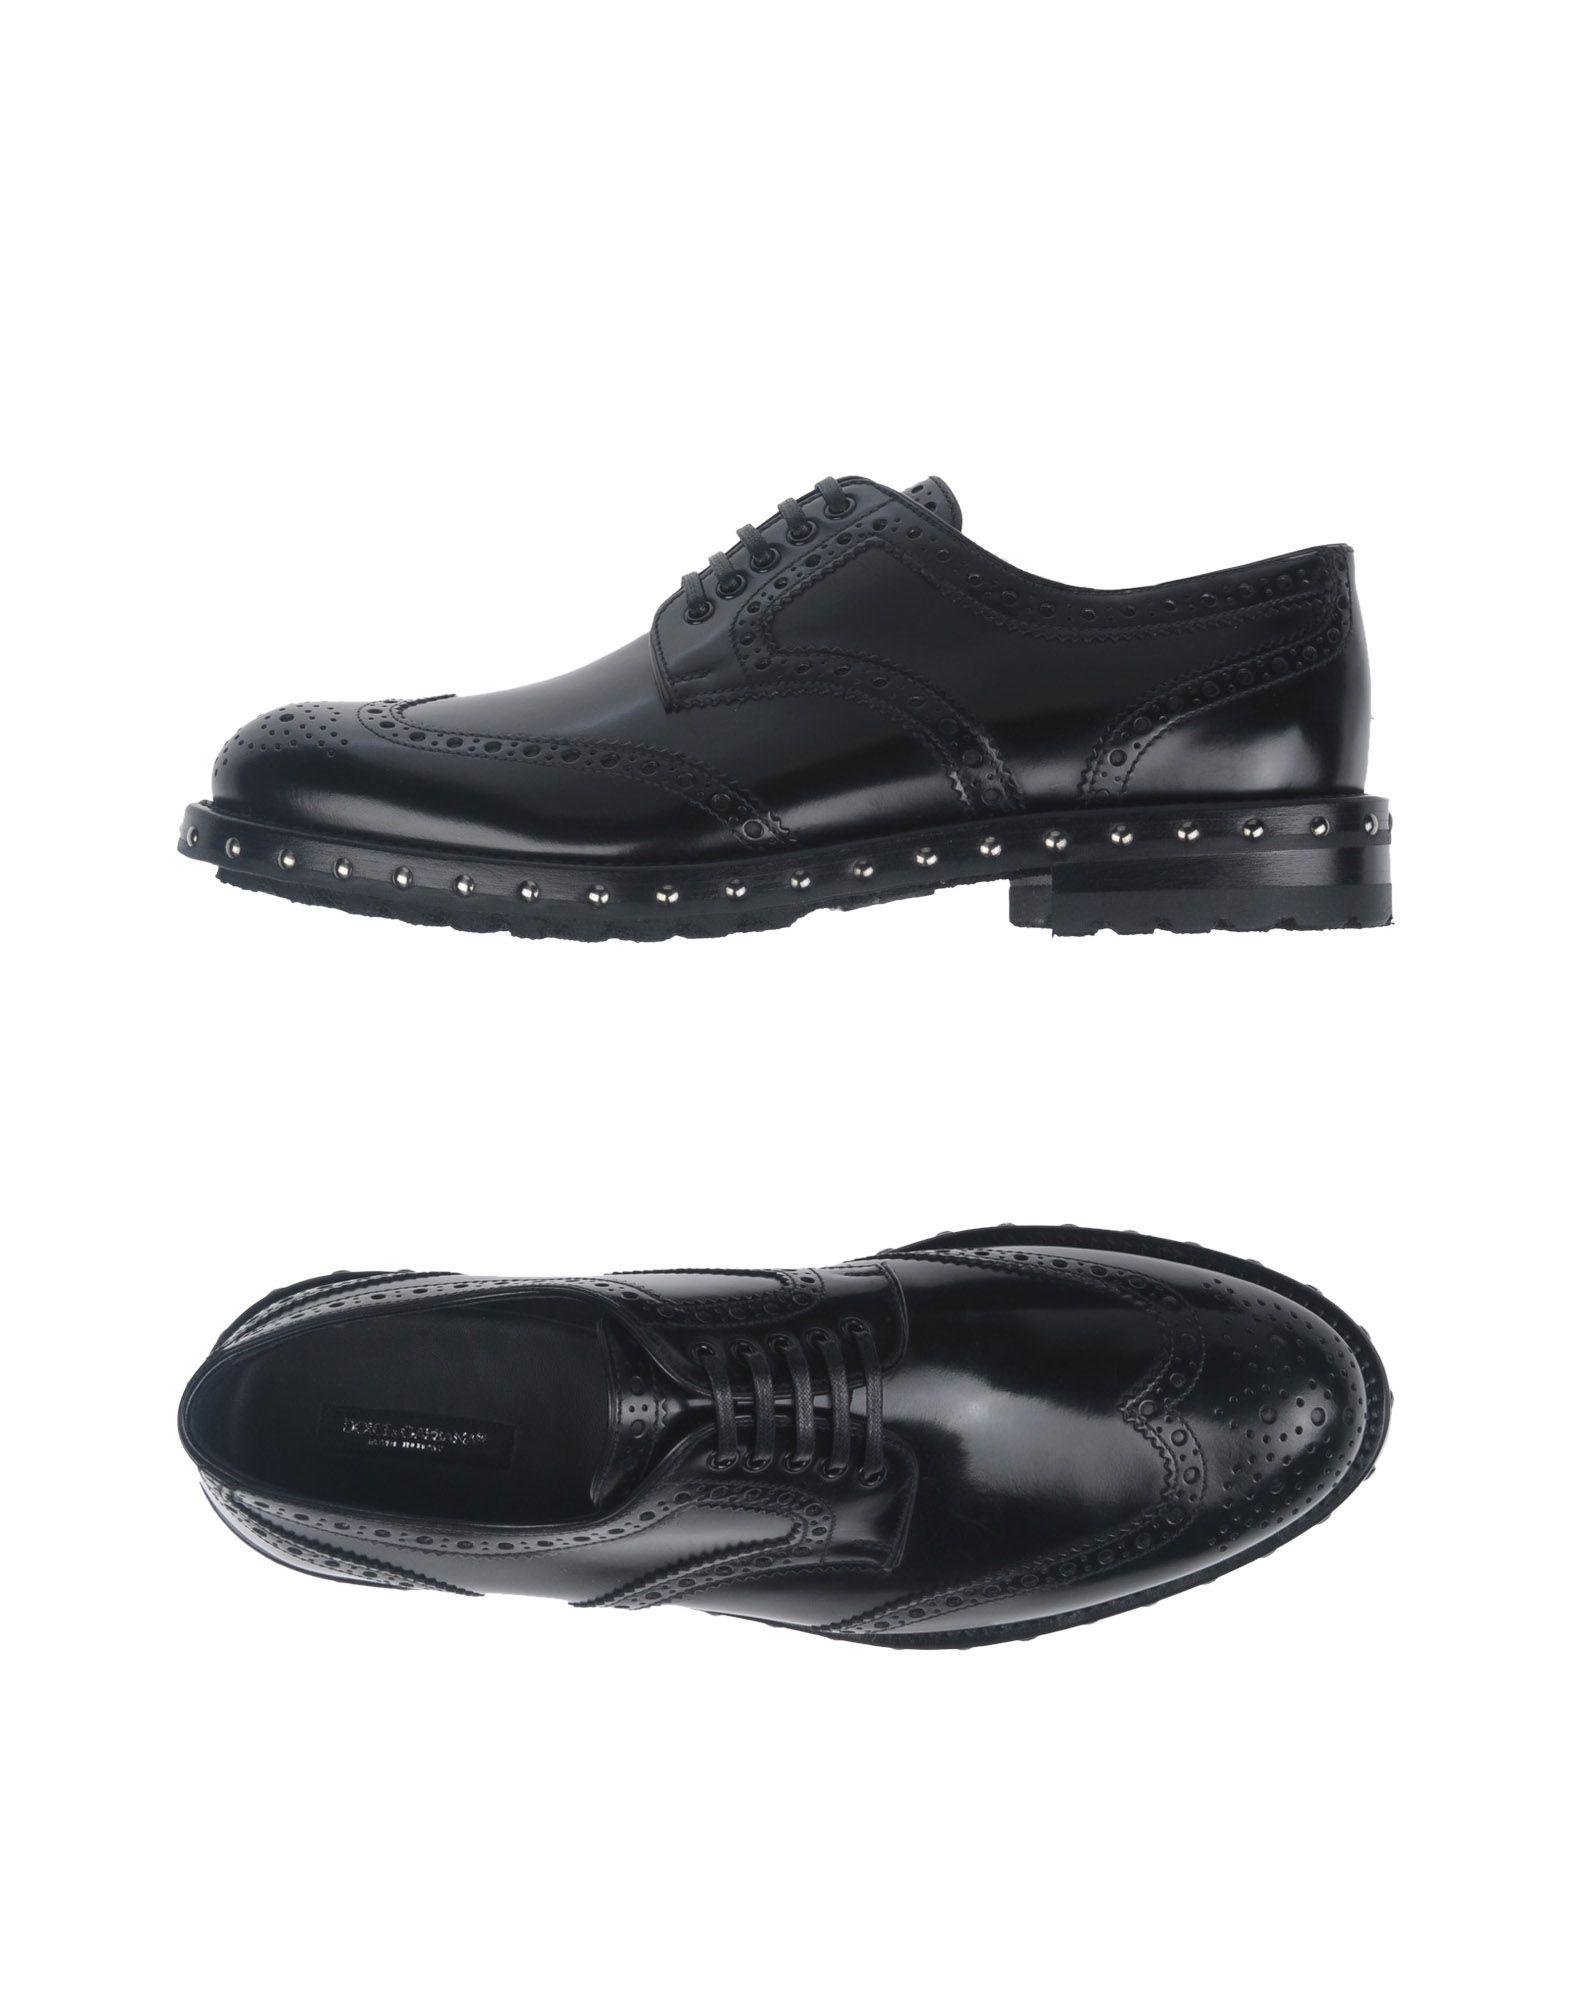 Dolce & Gabbana Schnürschuhe Damen  11233869XDGünstige gut aussehende Schuhe